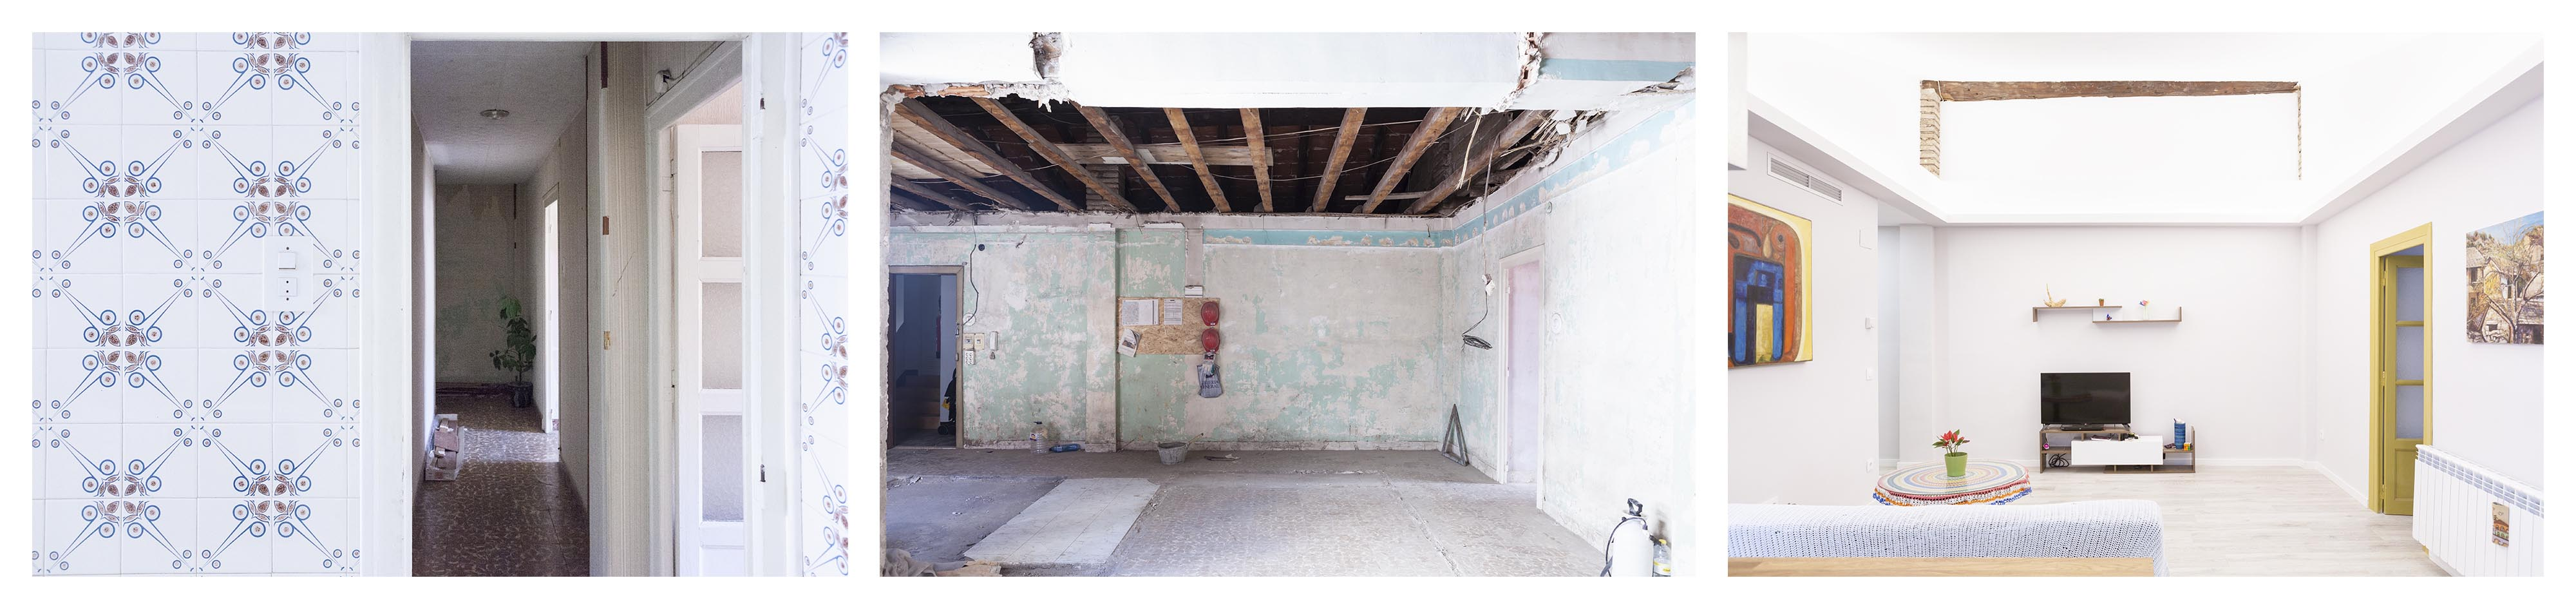 01-reforma-vivienda-salon-abrir-espacio-viga-vista-Zaragoza